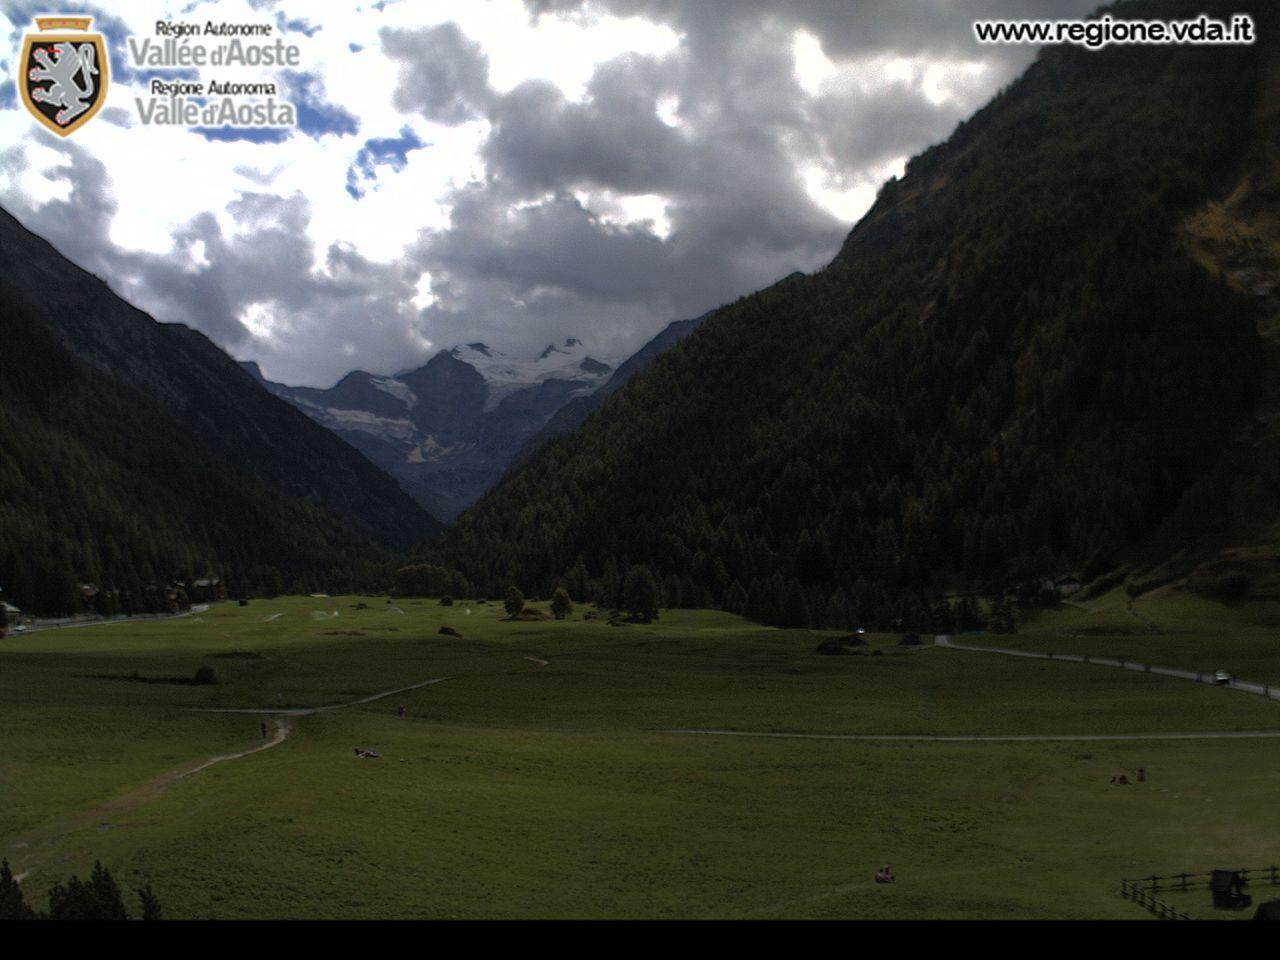 Val d'Aosta Cogne Gran Paradiso